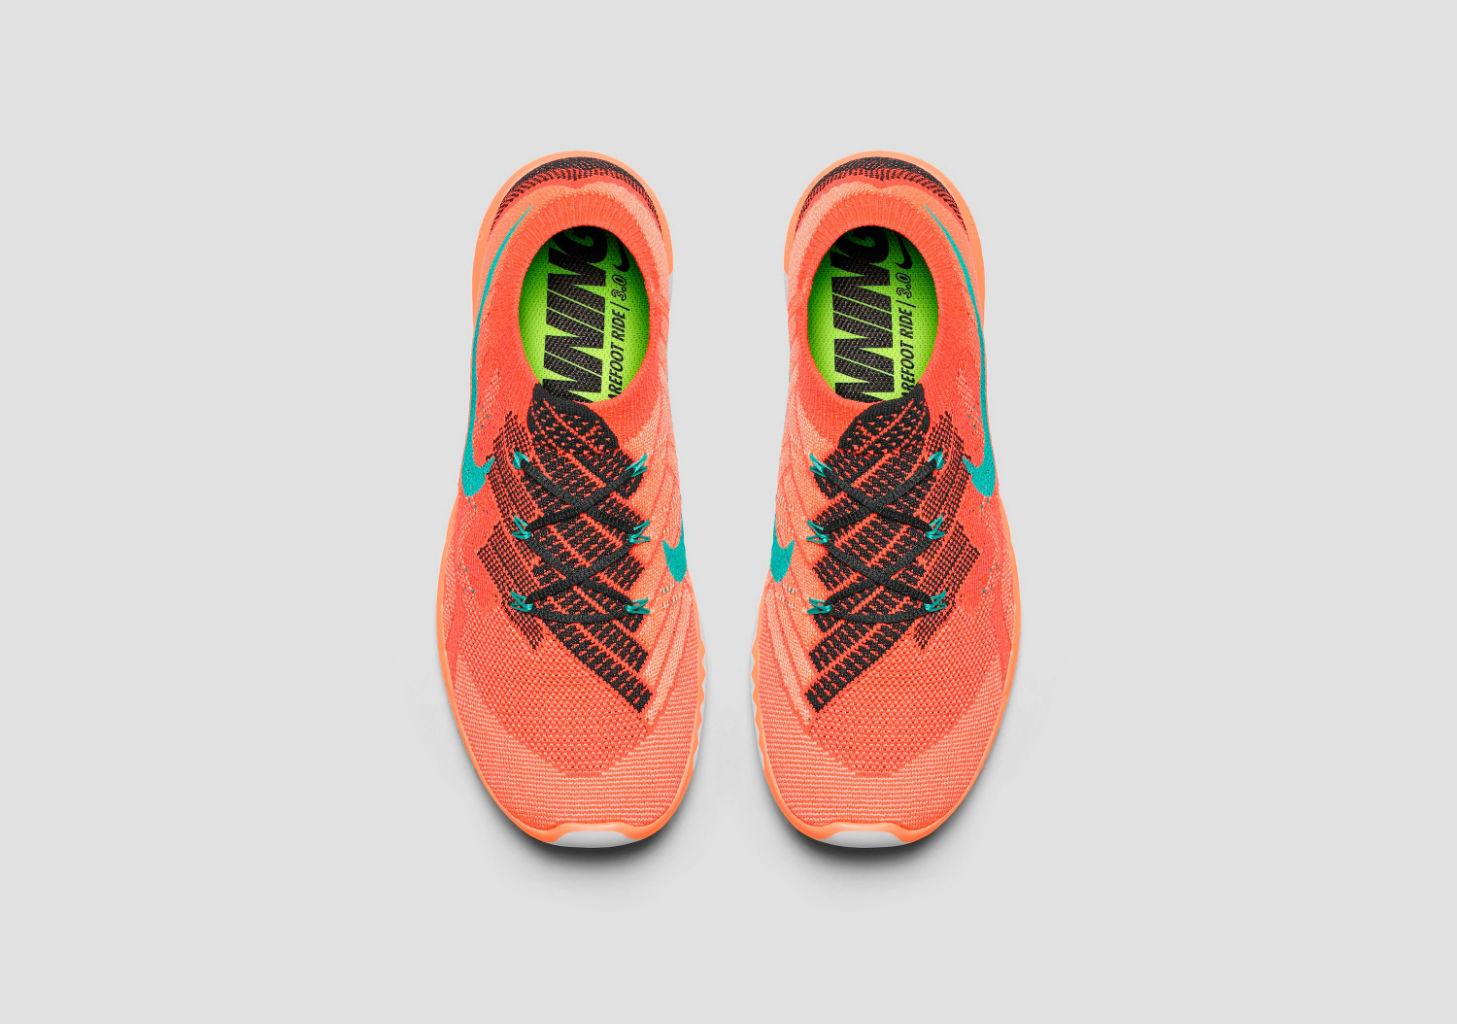 the latest 30688 2431d Las zapatillas Nike Free 3.0 Flyknit, Nike Free 4.0 Flyknit y Nike Free 5.0  están disponibles en todas las Nike Store.